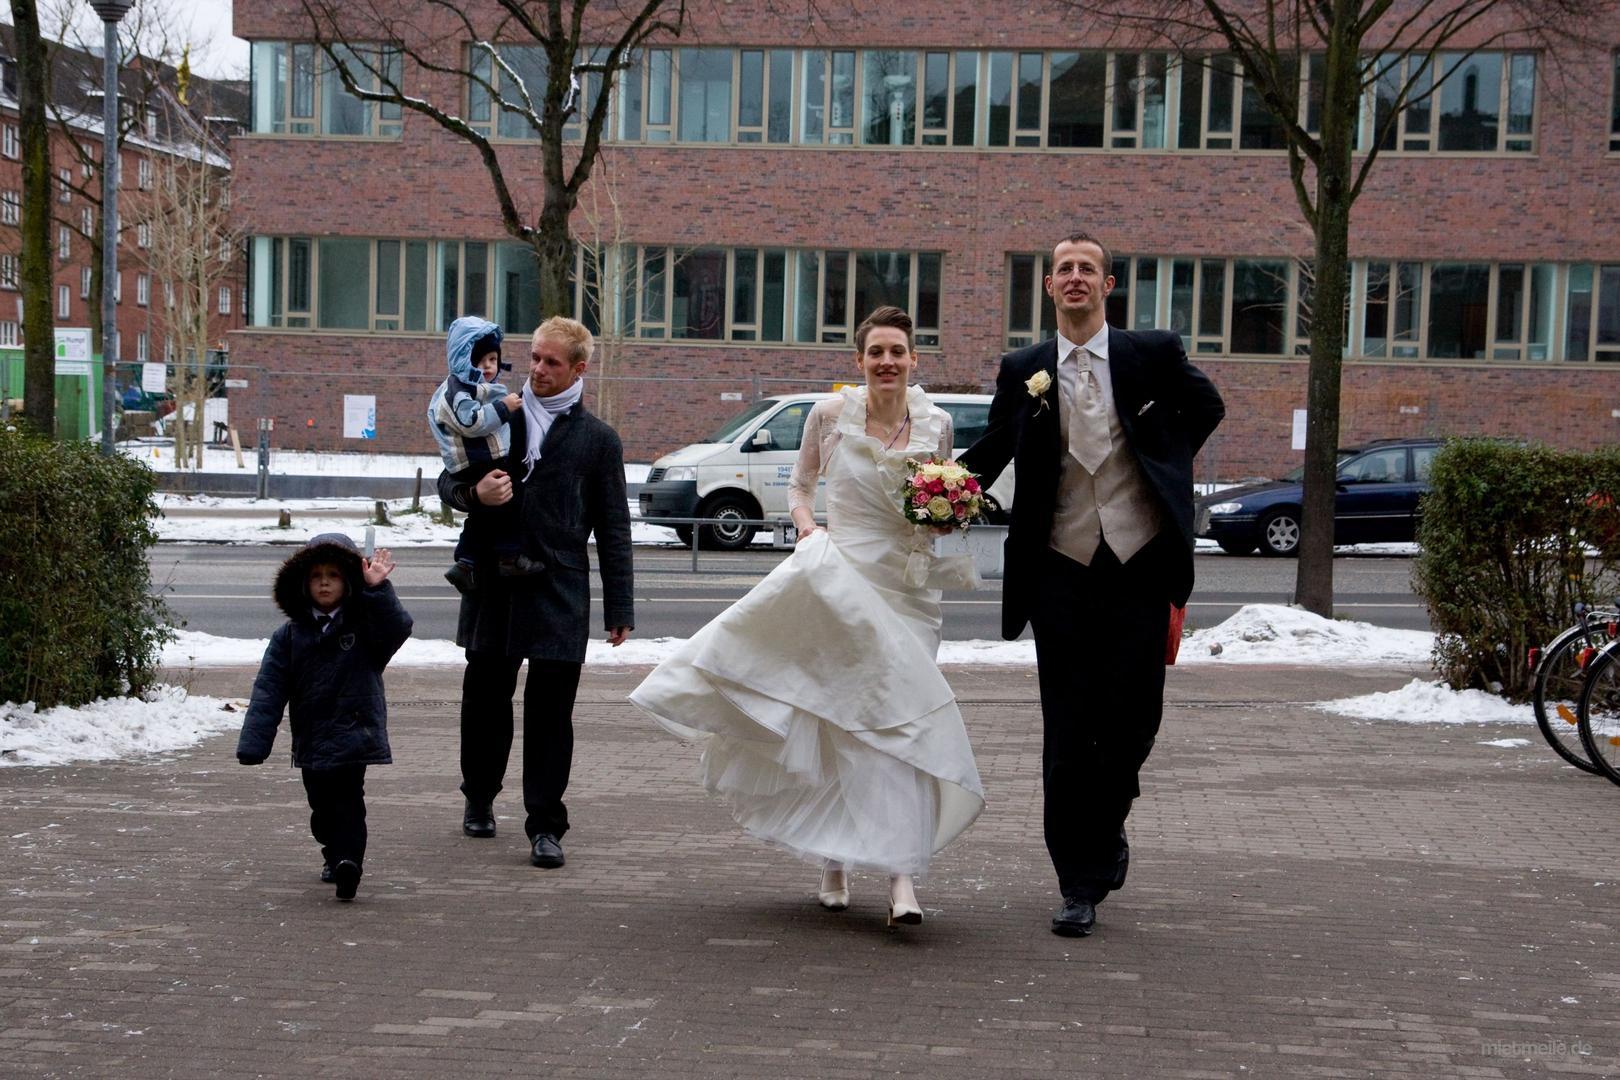 Brautkleid mieten - 4,4 EUR pro Tag - mietmeile.de